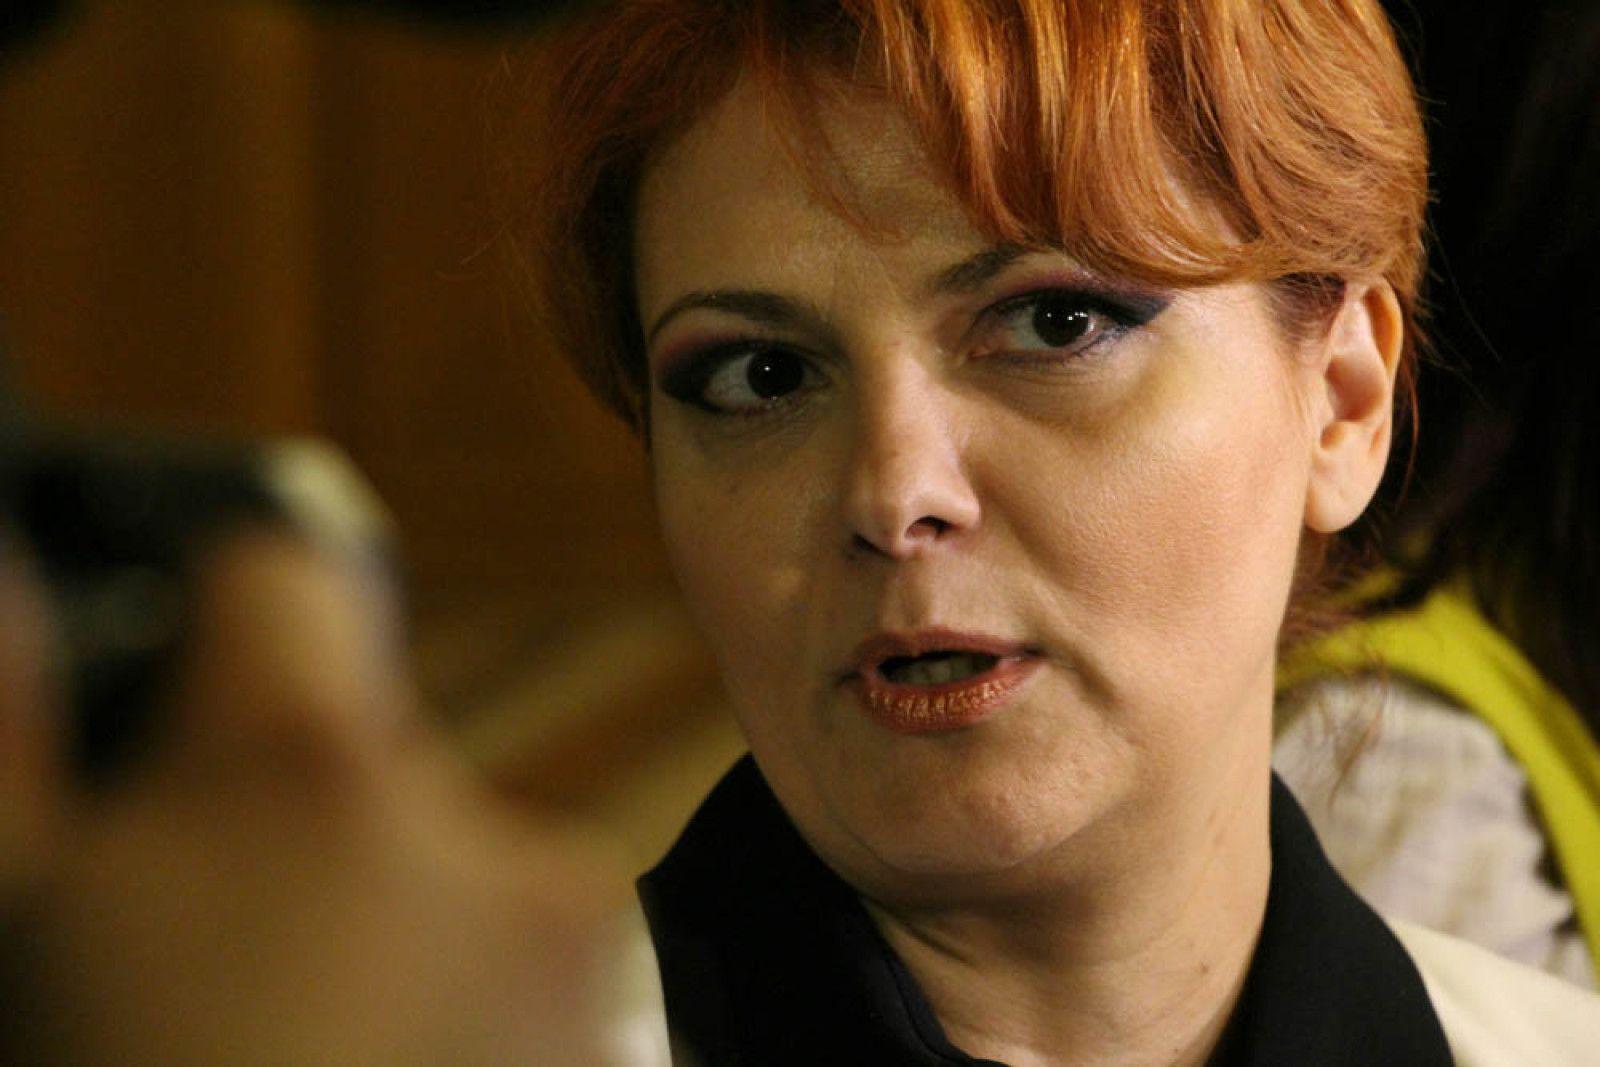 Ministrul Muncii ar putea fi DEMIS! Motiune de cenzura simpla depusa de catre deputatii liberali